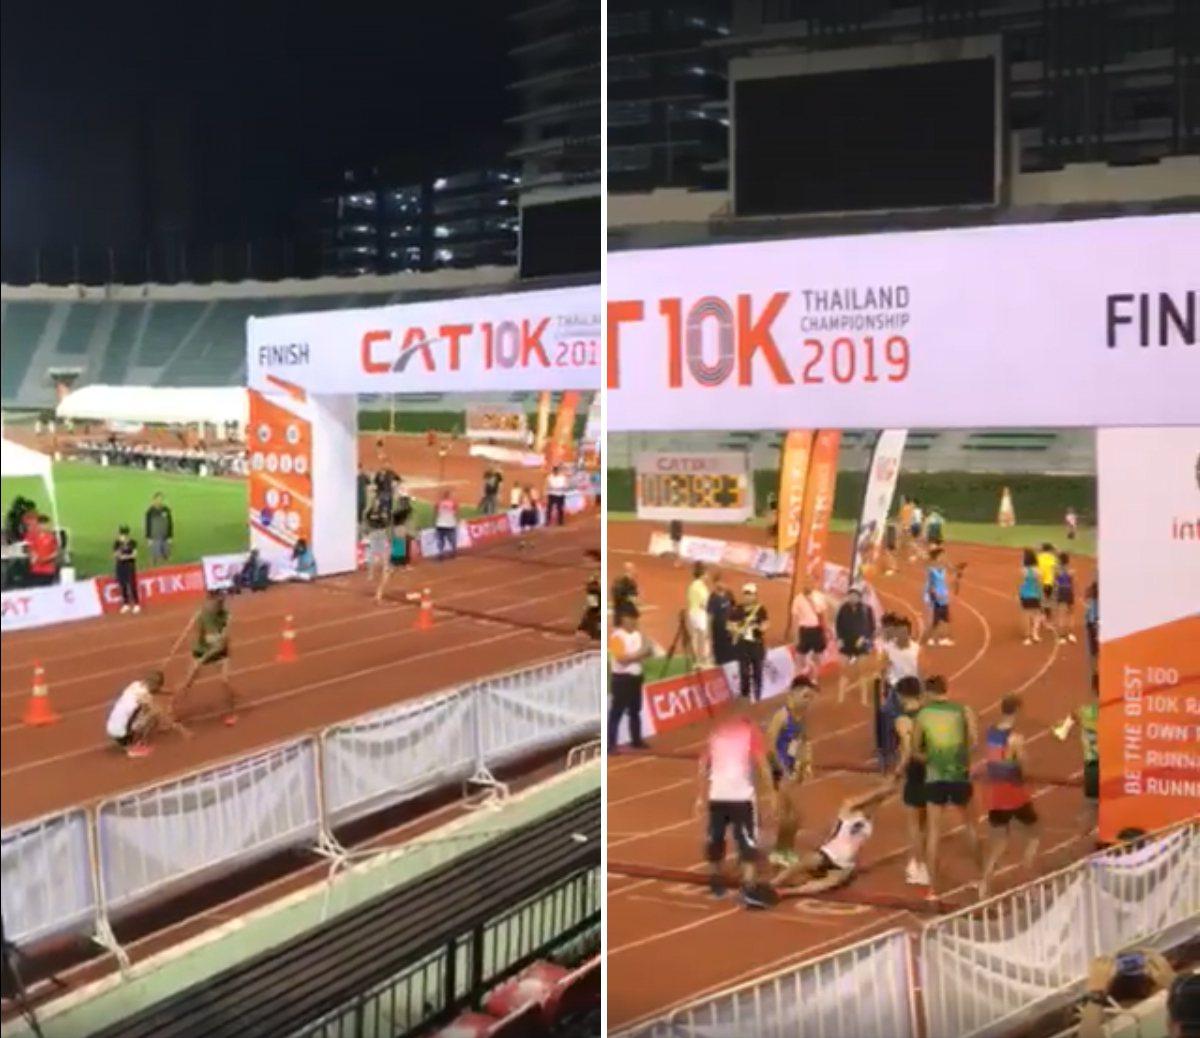 泰國曼谷日前舉辦一場馬拉松,但就在終點線前有選手腿軟倒地,另一名選手見狀放棄衝終...